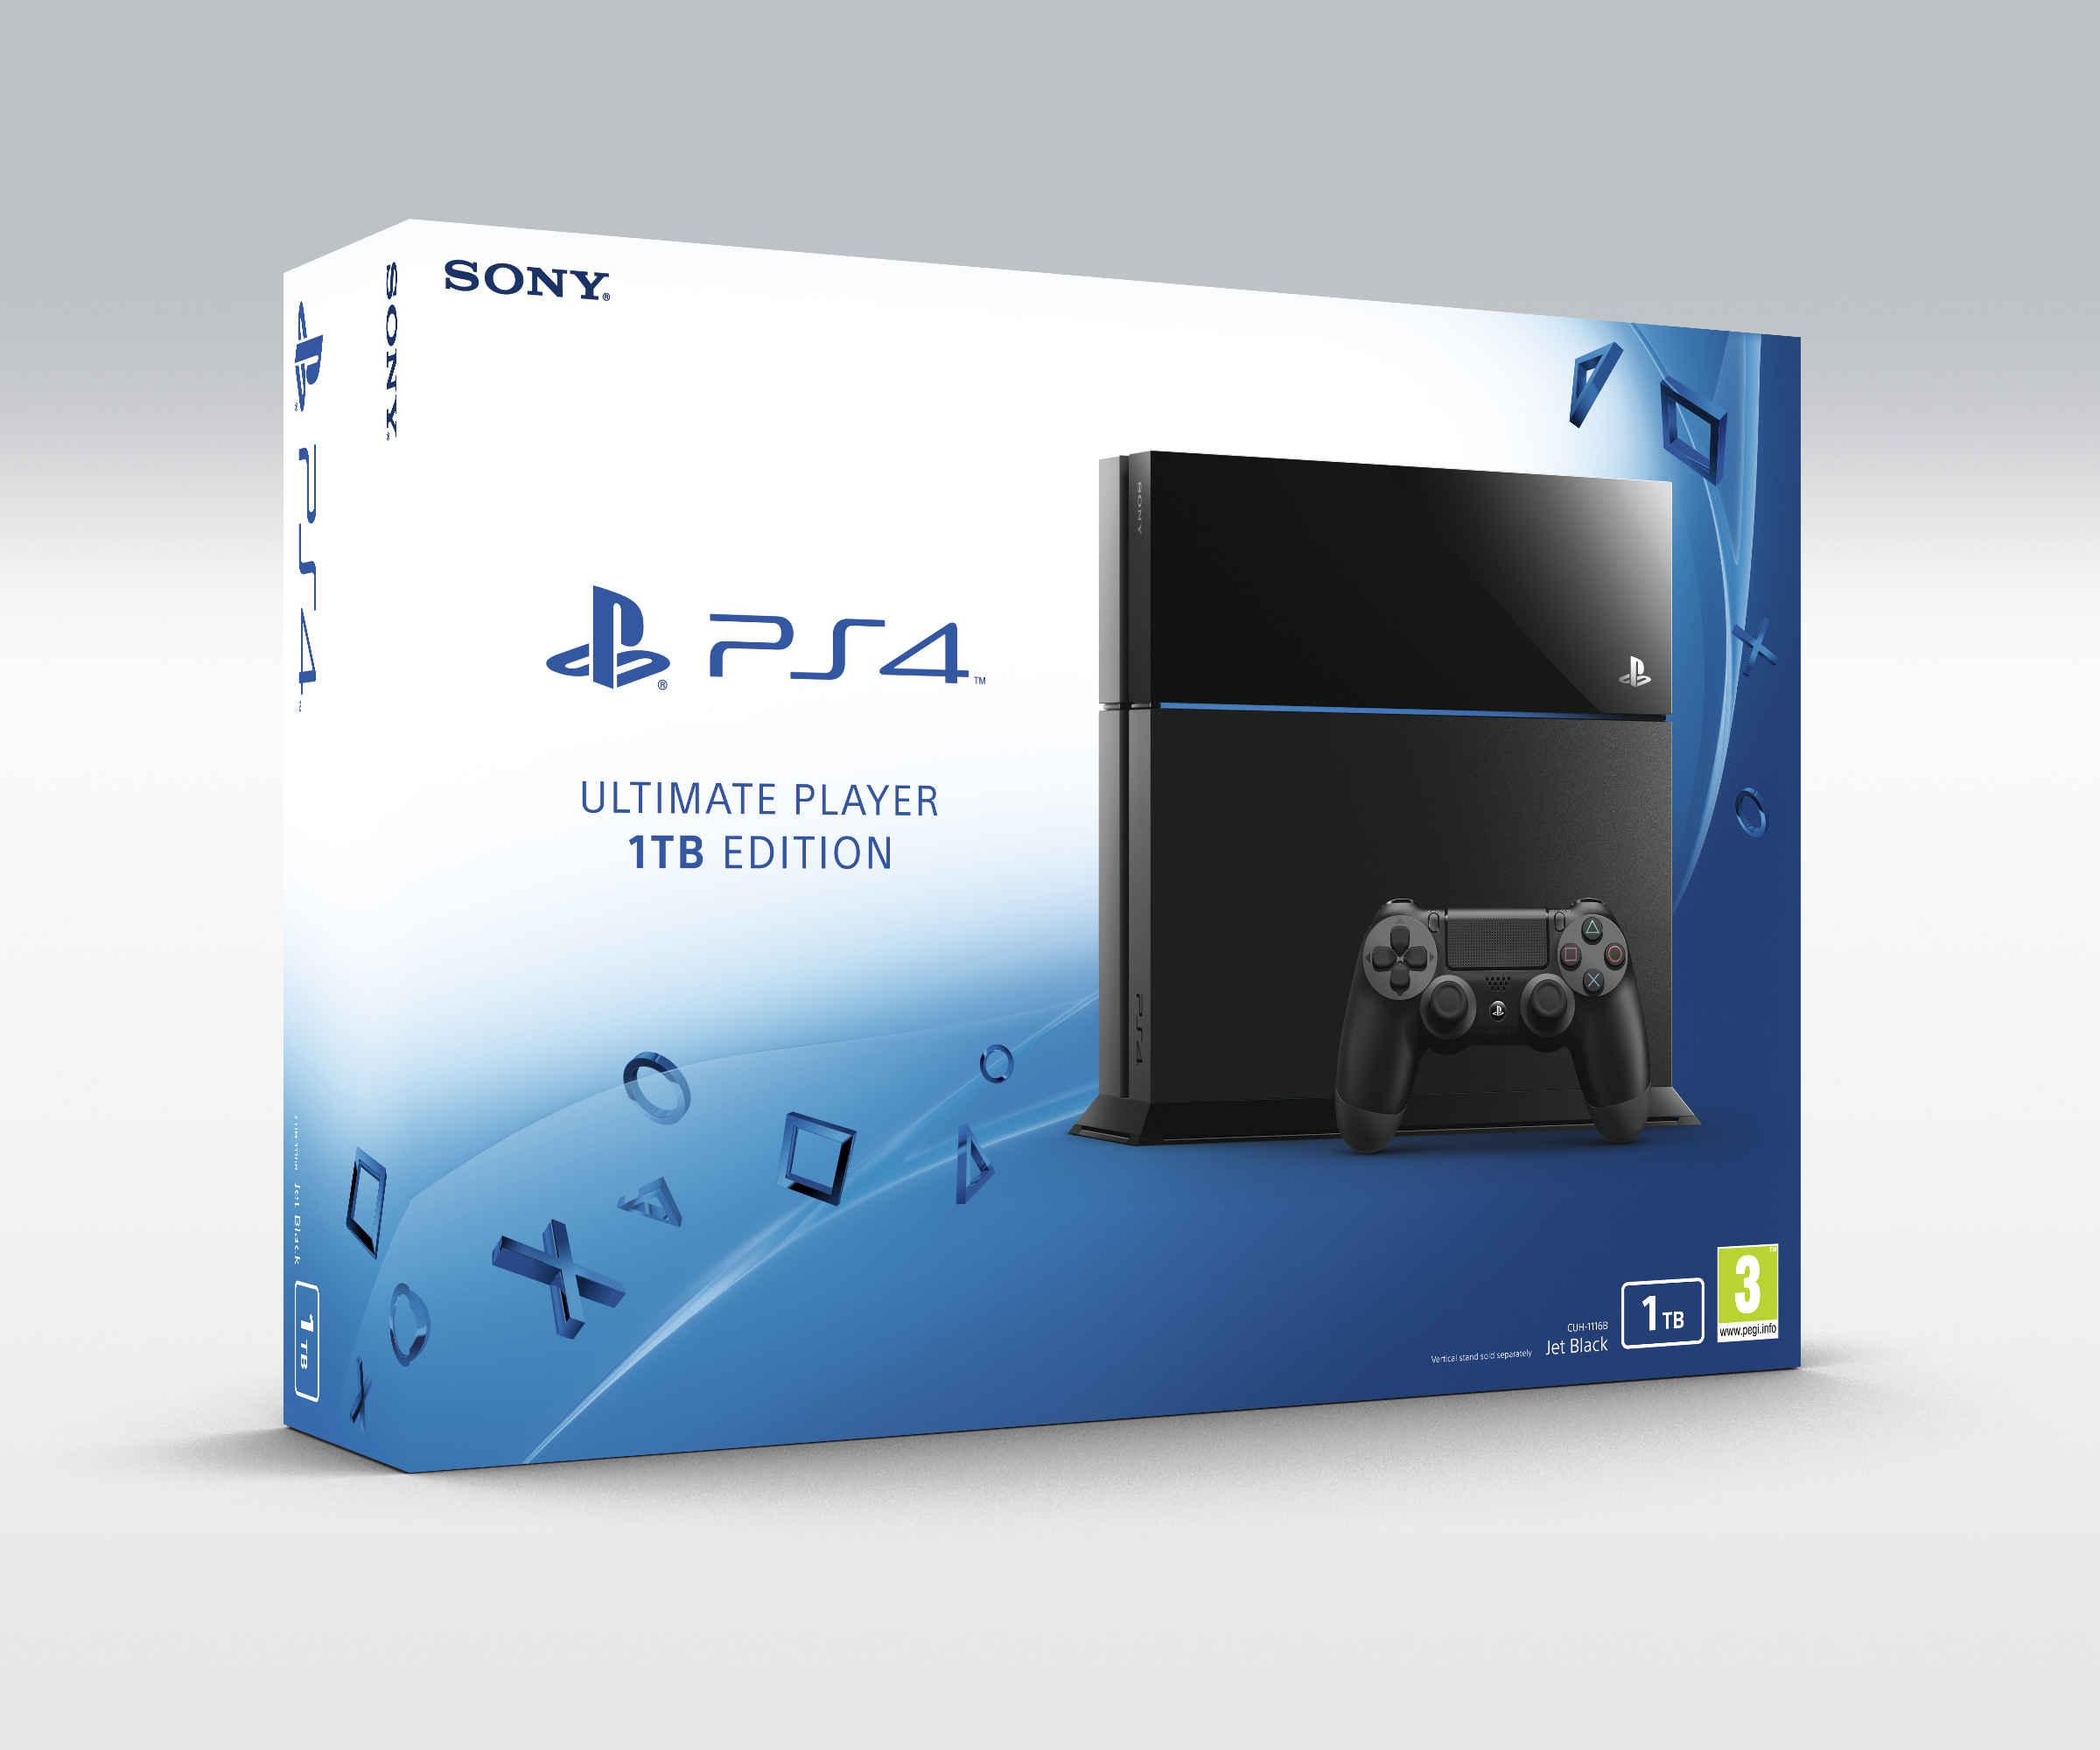 Bilder, Preise und weitere Infos zur PlayStation 4 CUH-1200